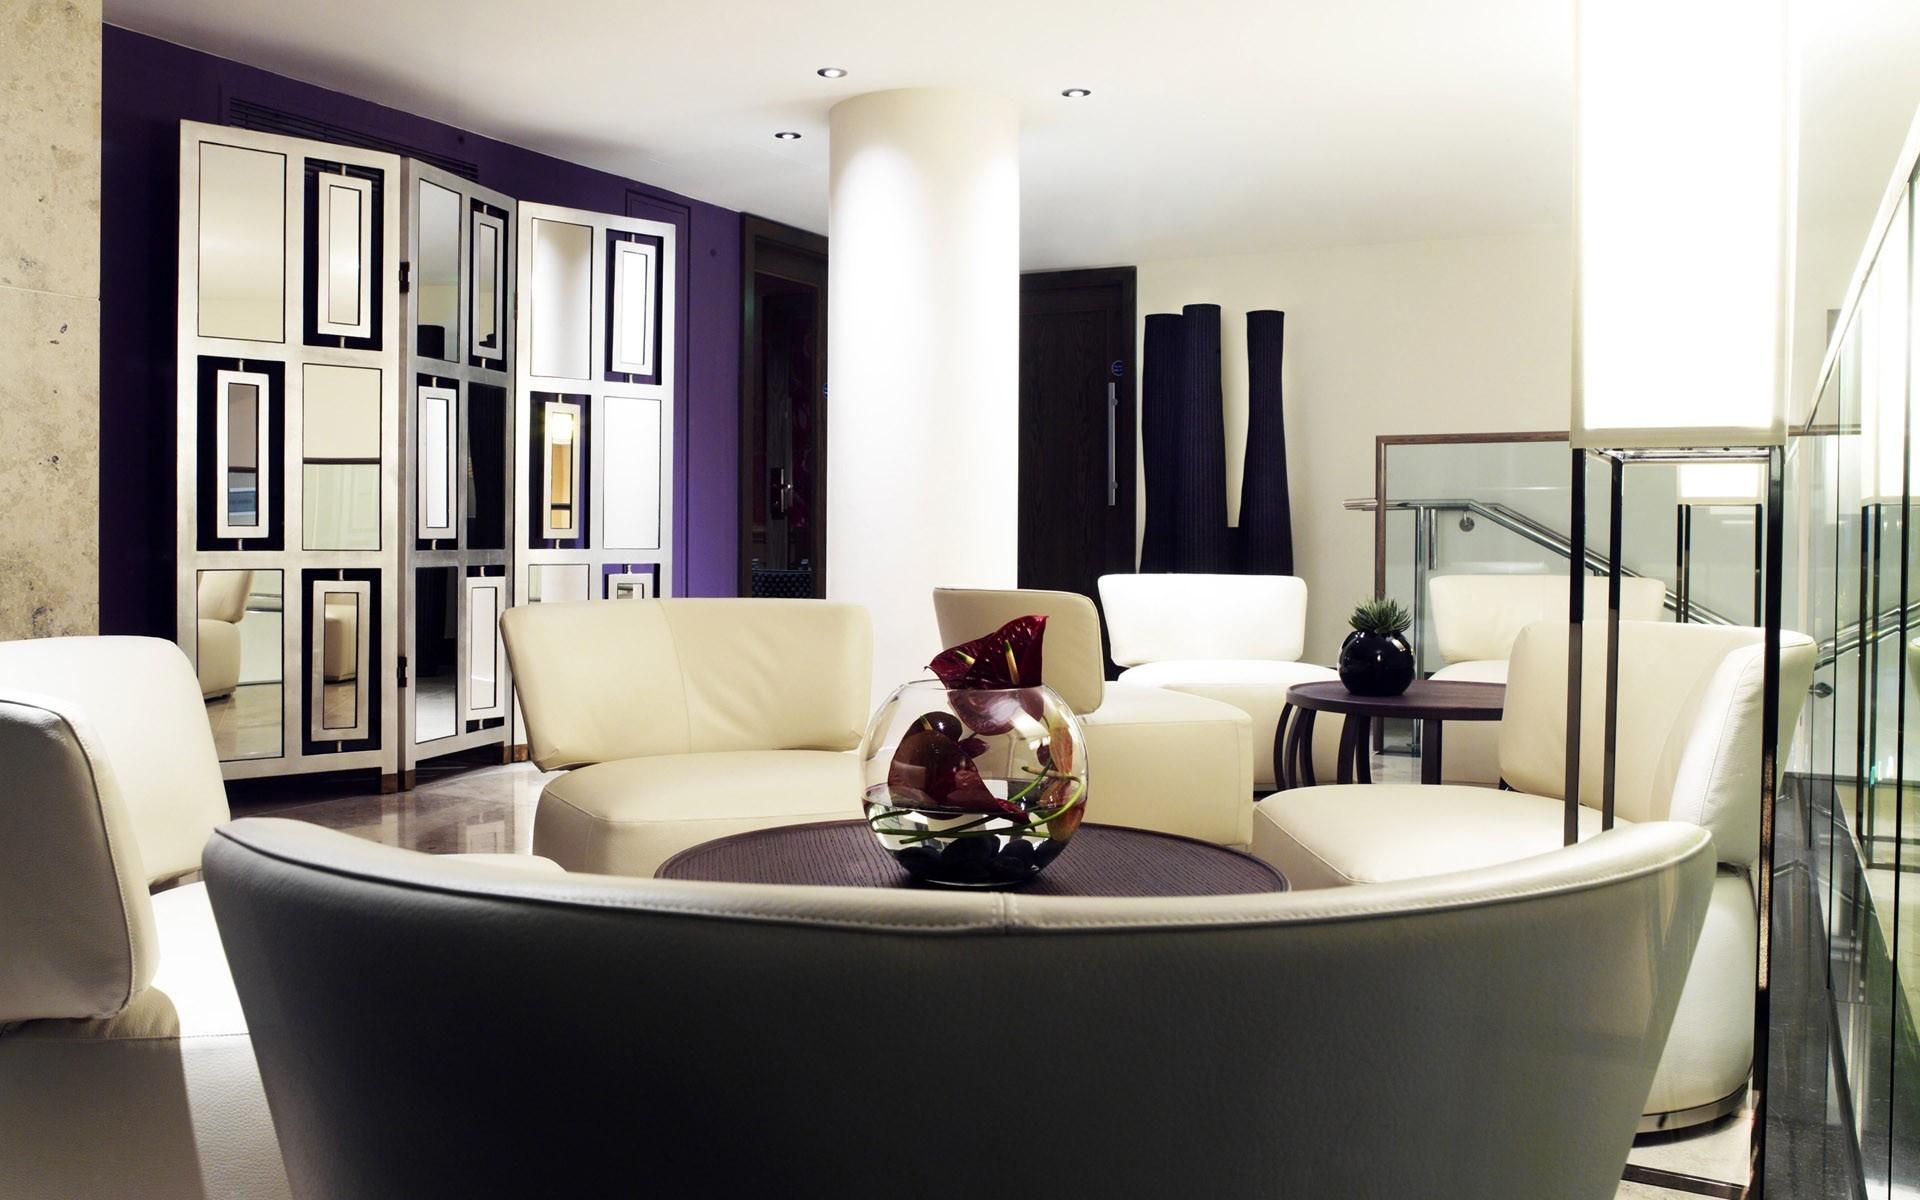 Hintergrundbilder : Zimmer, Tabelle, Immobilien, Esszimmer, Sofa ...